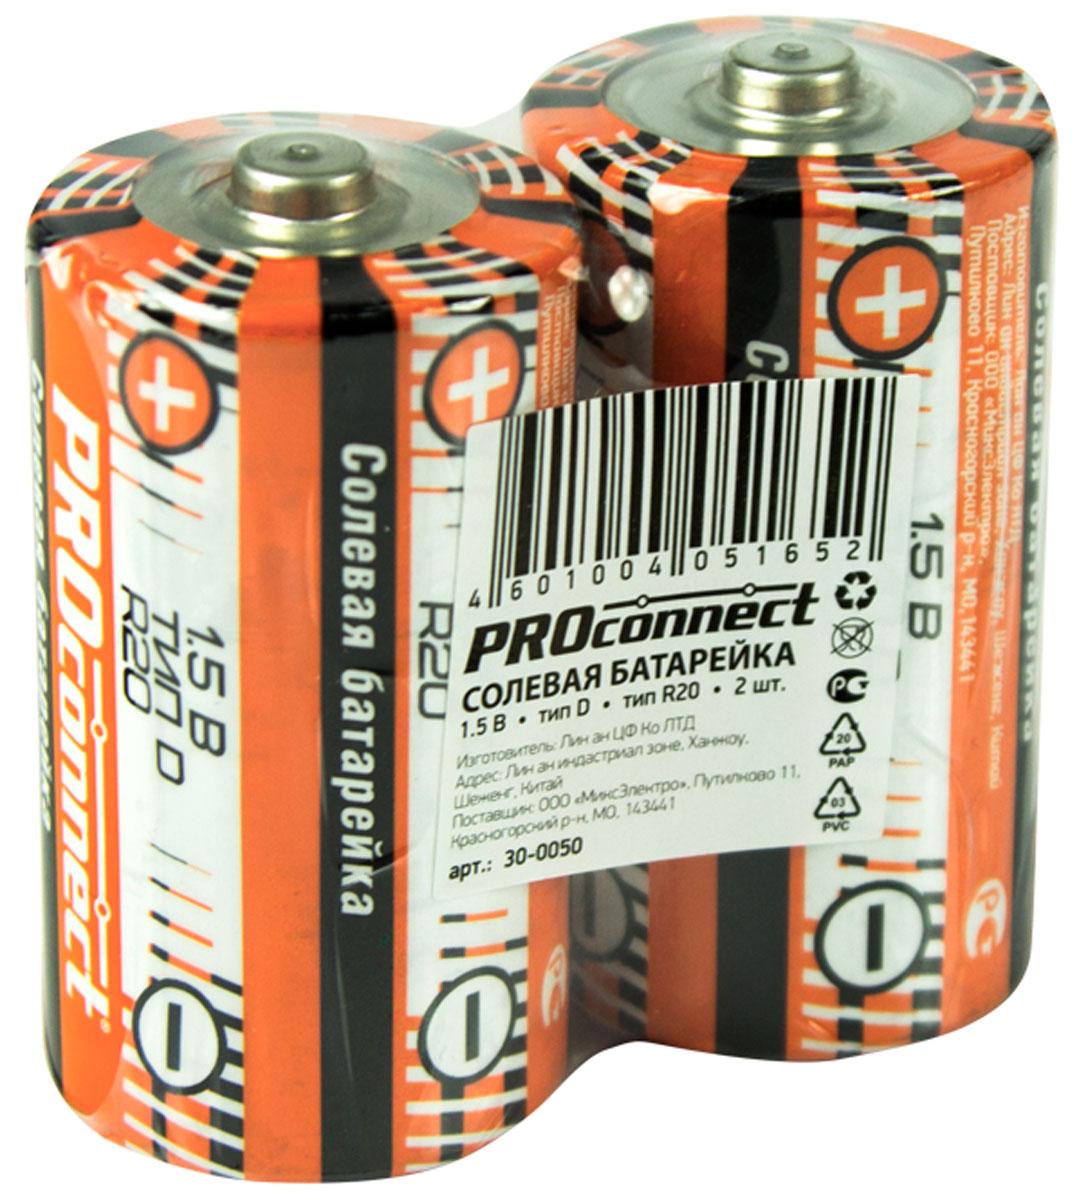 Батарейка солевая PROconnect, тип D-R20, 2 шт30-0050Солевая батарейка предназначена для работы в устройствах с низким и средним потреблением тока.